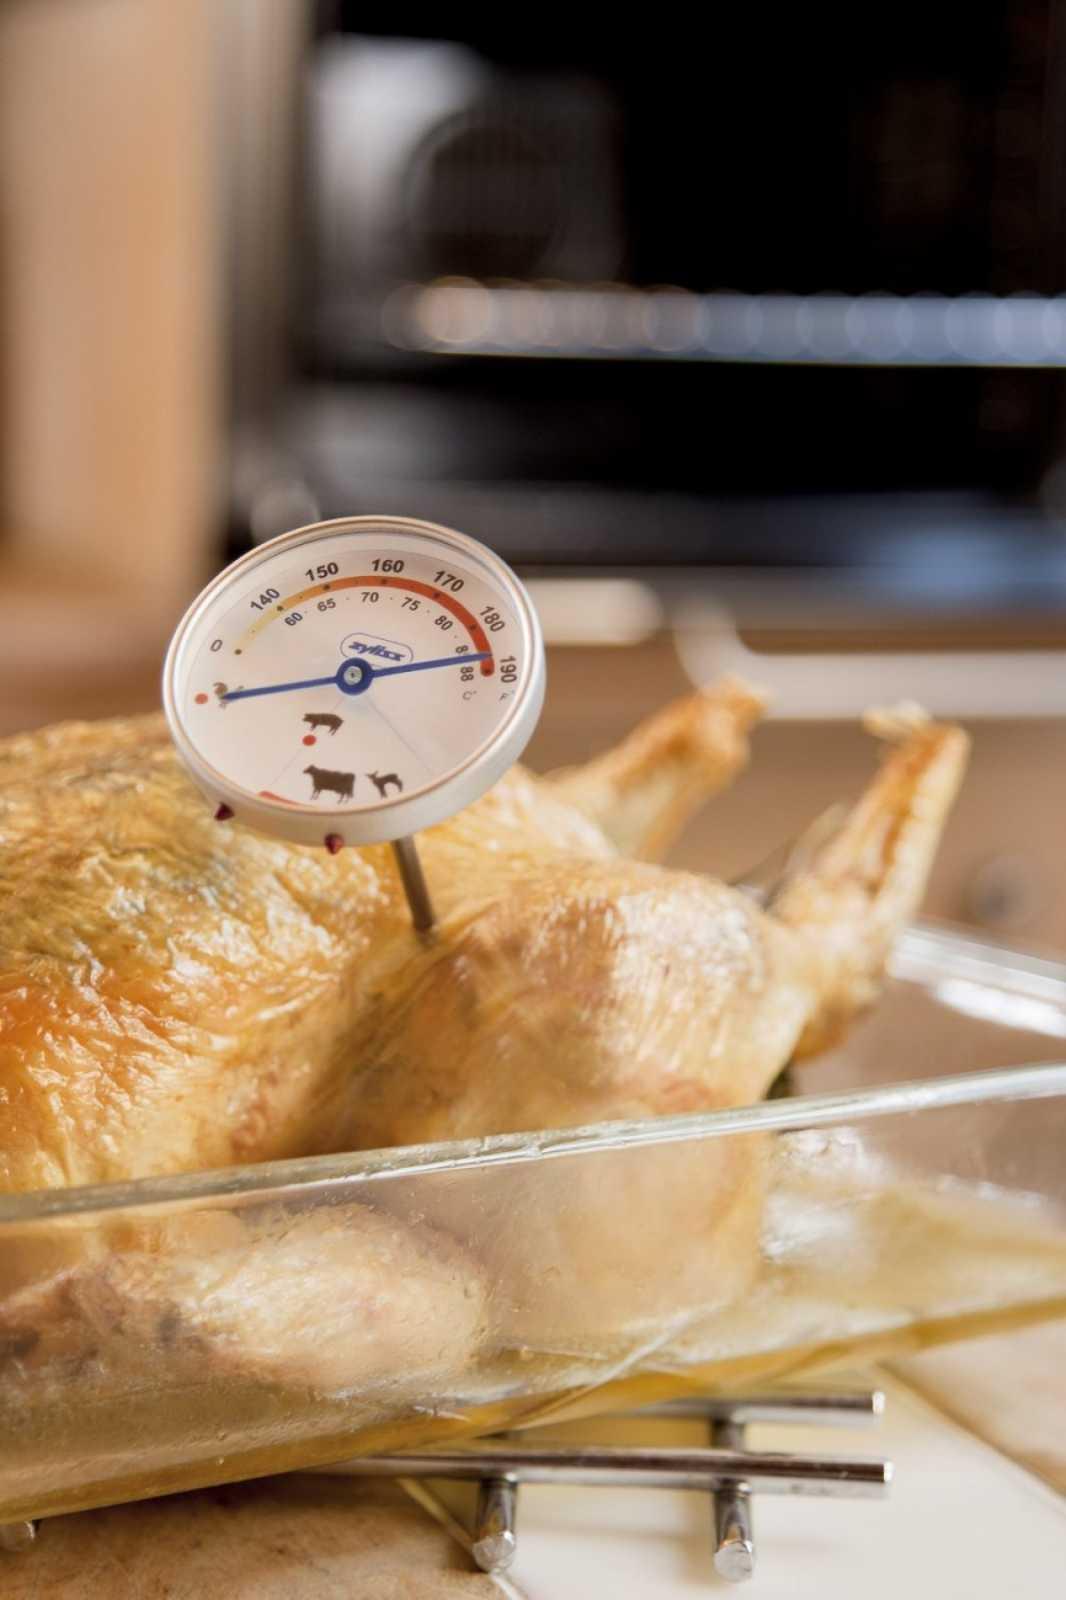 Онлайн каталог PROMENU: Термометр для мяса Zyliss E25520